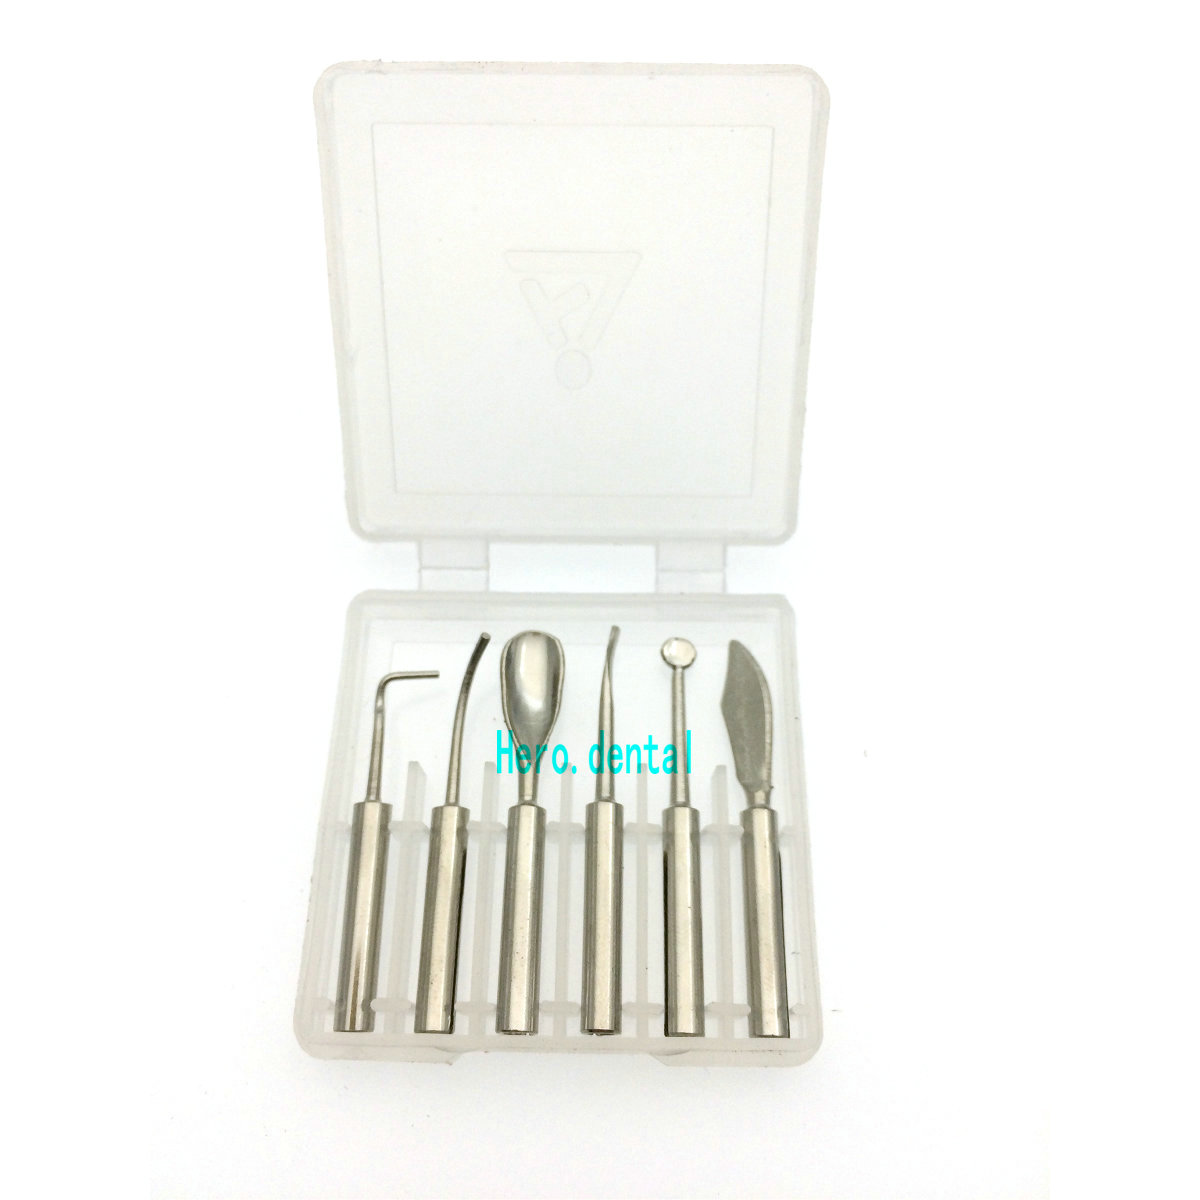 6 pcs/ensemble Wax Conseil Pot pour Dental Lab Électronique Waxer Cire Stylo Crayon Outils Instruments Dentaires Équipement